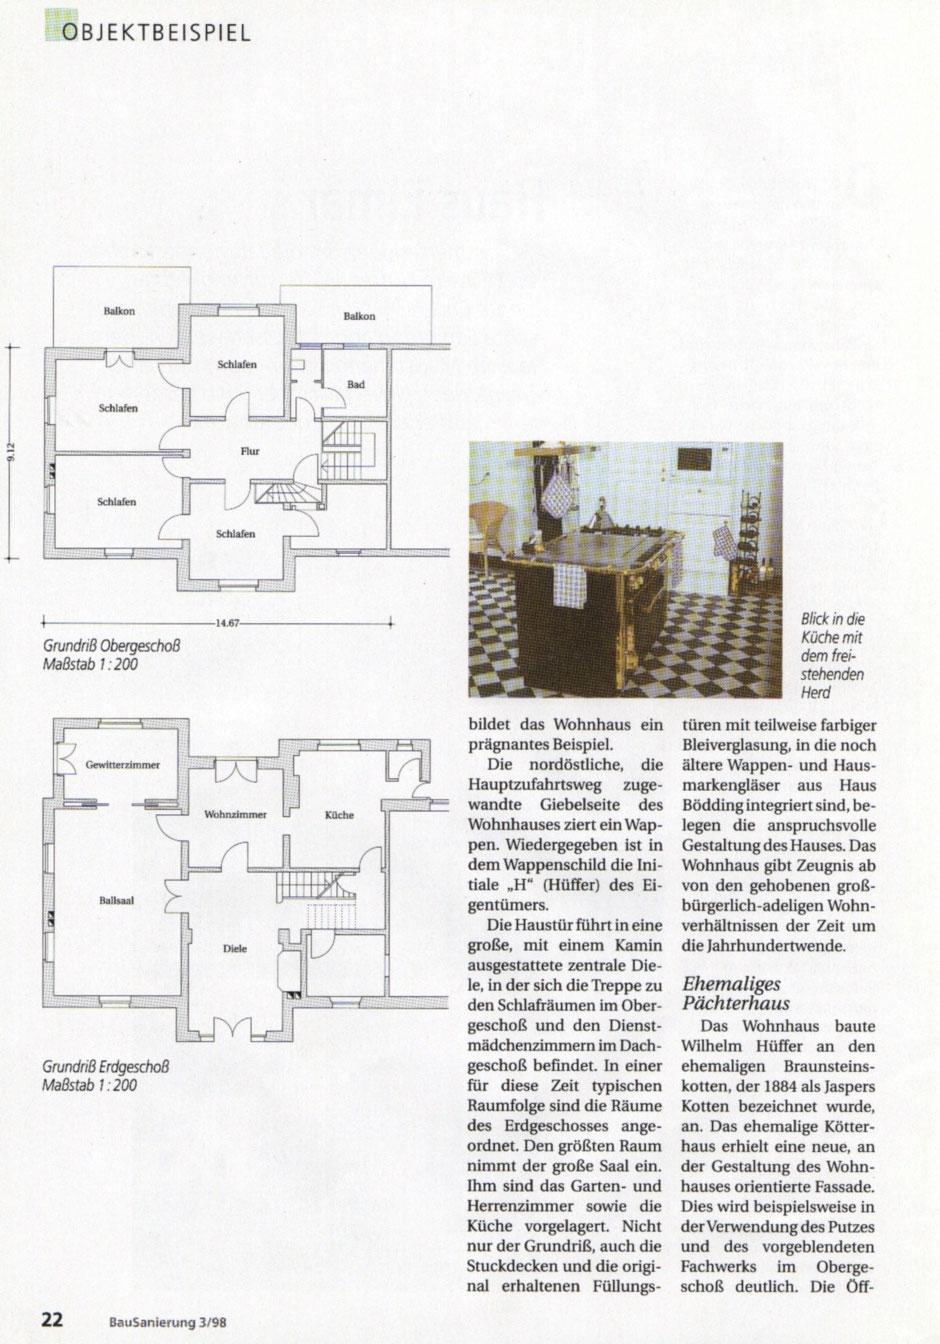 Bilderreihe: Bild3 : Artikel aus der Bausanierung, Sanierung eines Originals, Haus Elmar Münster